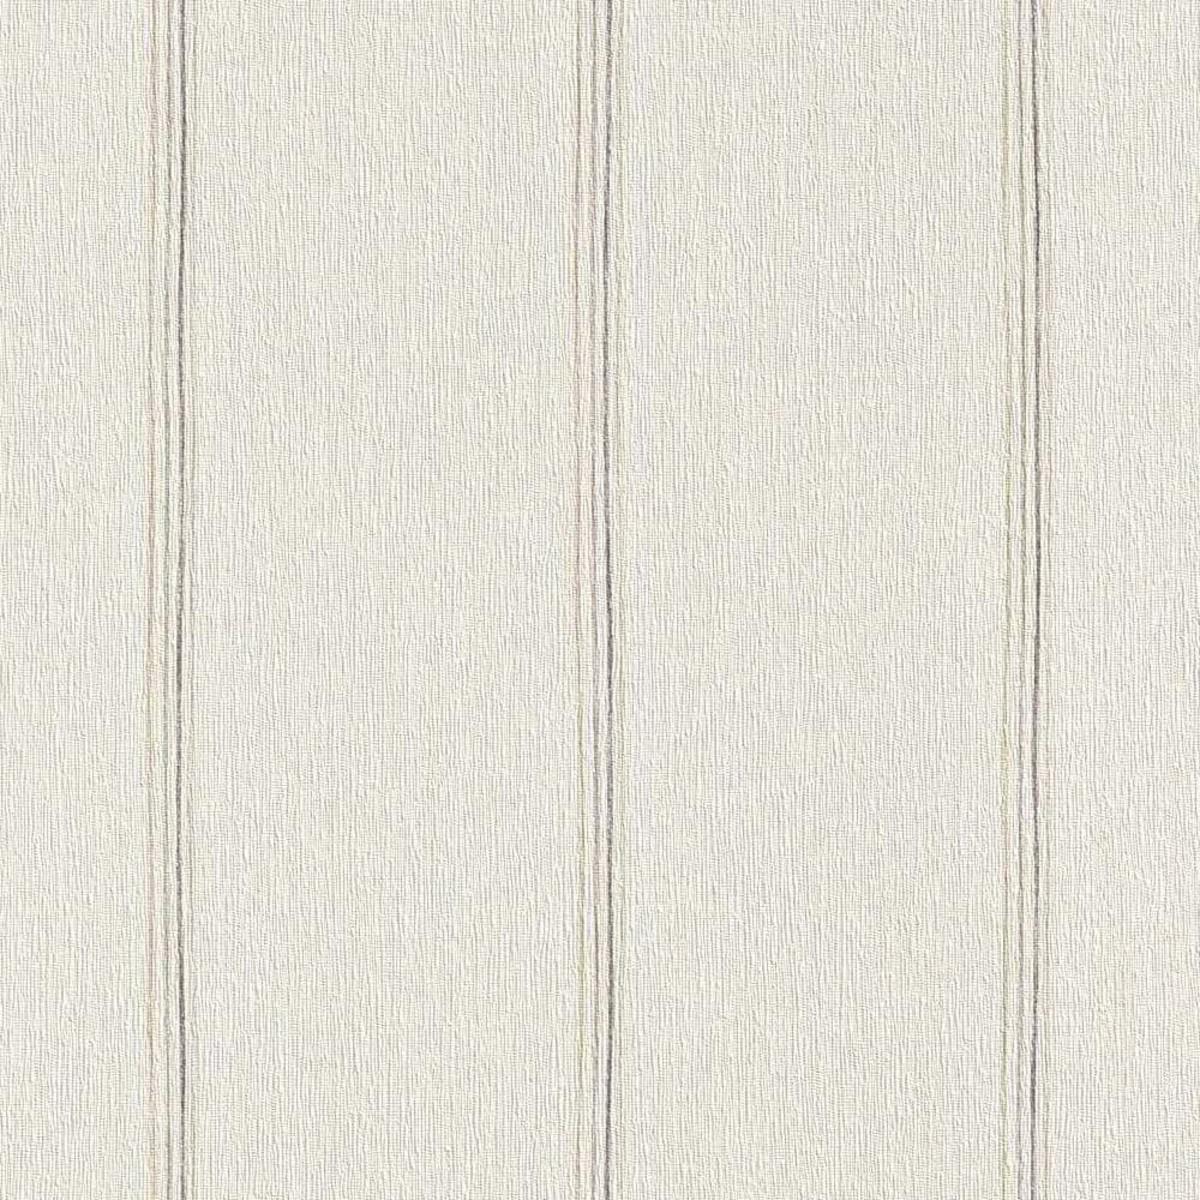 Обои флизелиновые Rasch Amelie бежевые 0.53 м 574418